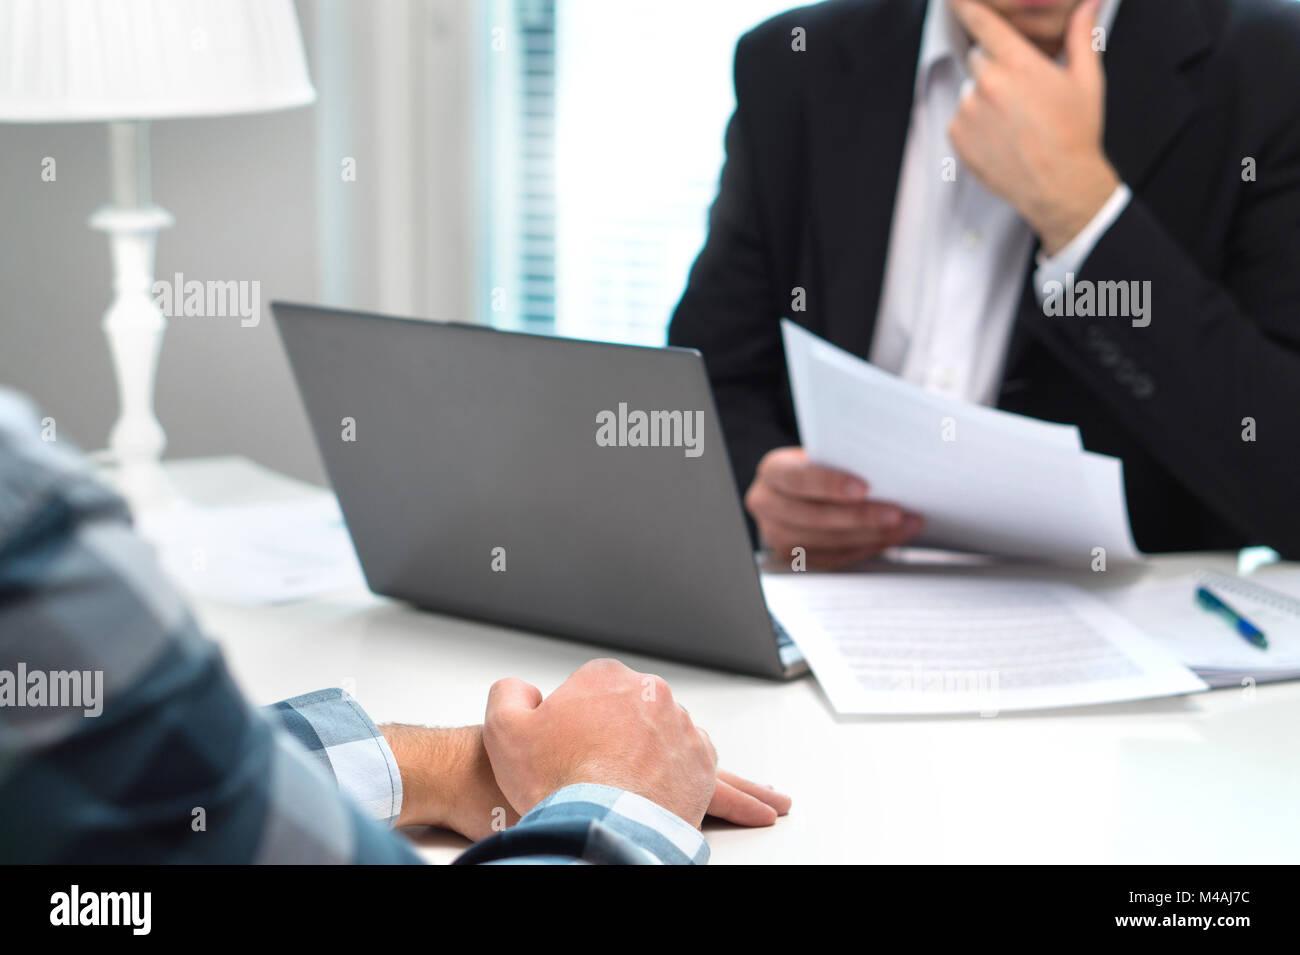 Il colloquio di lavoro o riunioni con banca lavoratore in ufficio. Uomo d'affari considerando. Discussione sul Immagini Stock